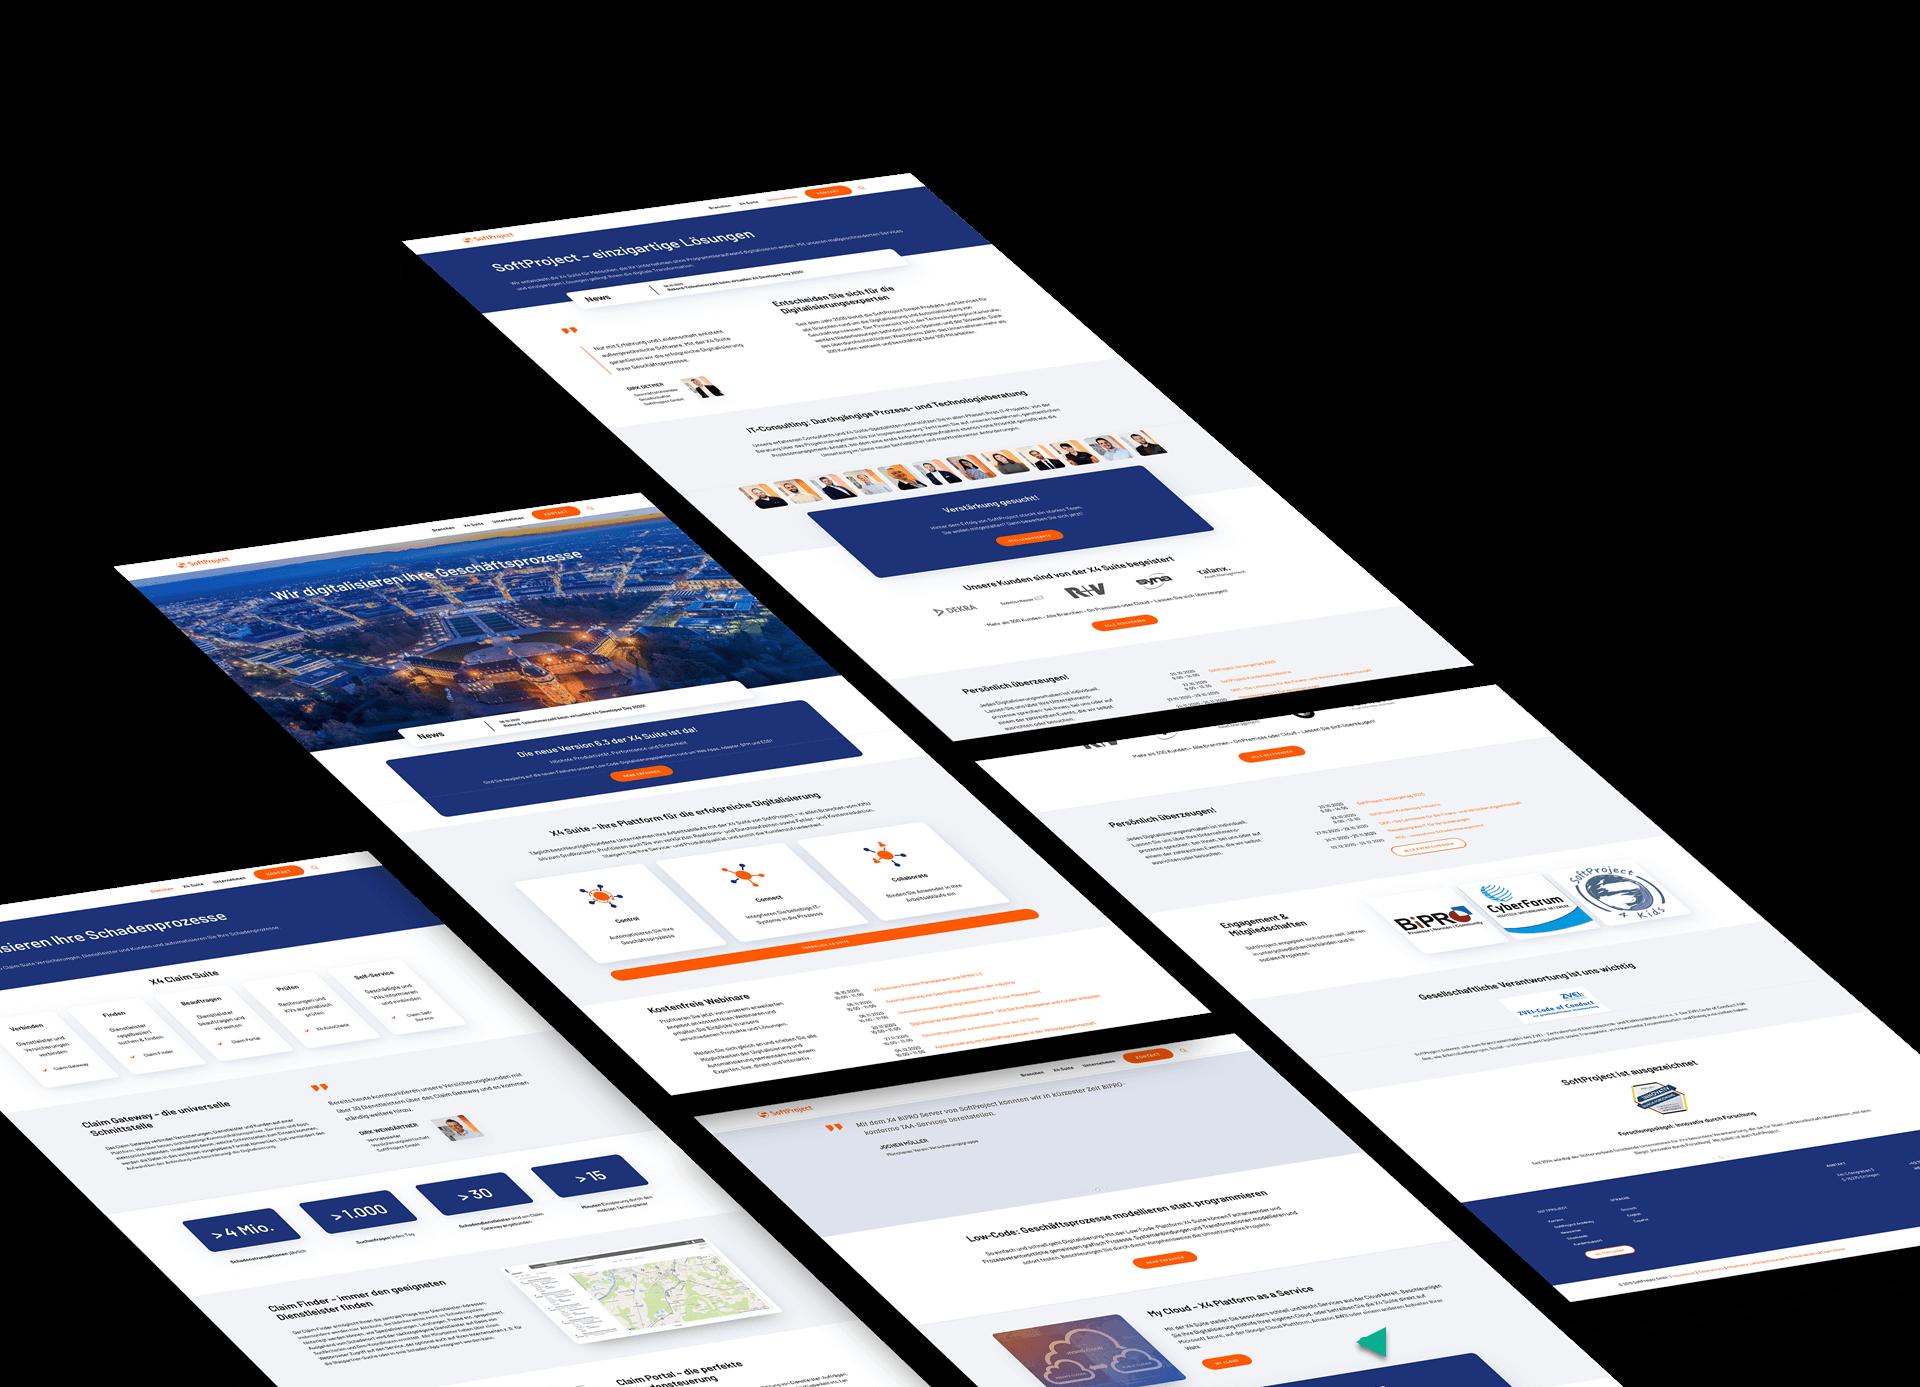 softproject-website-screenshots